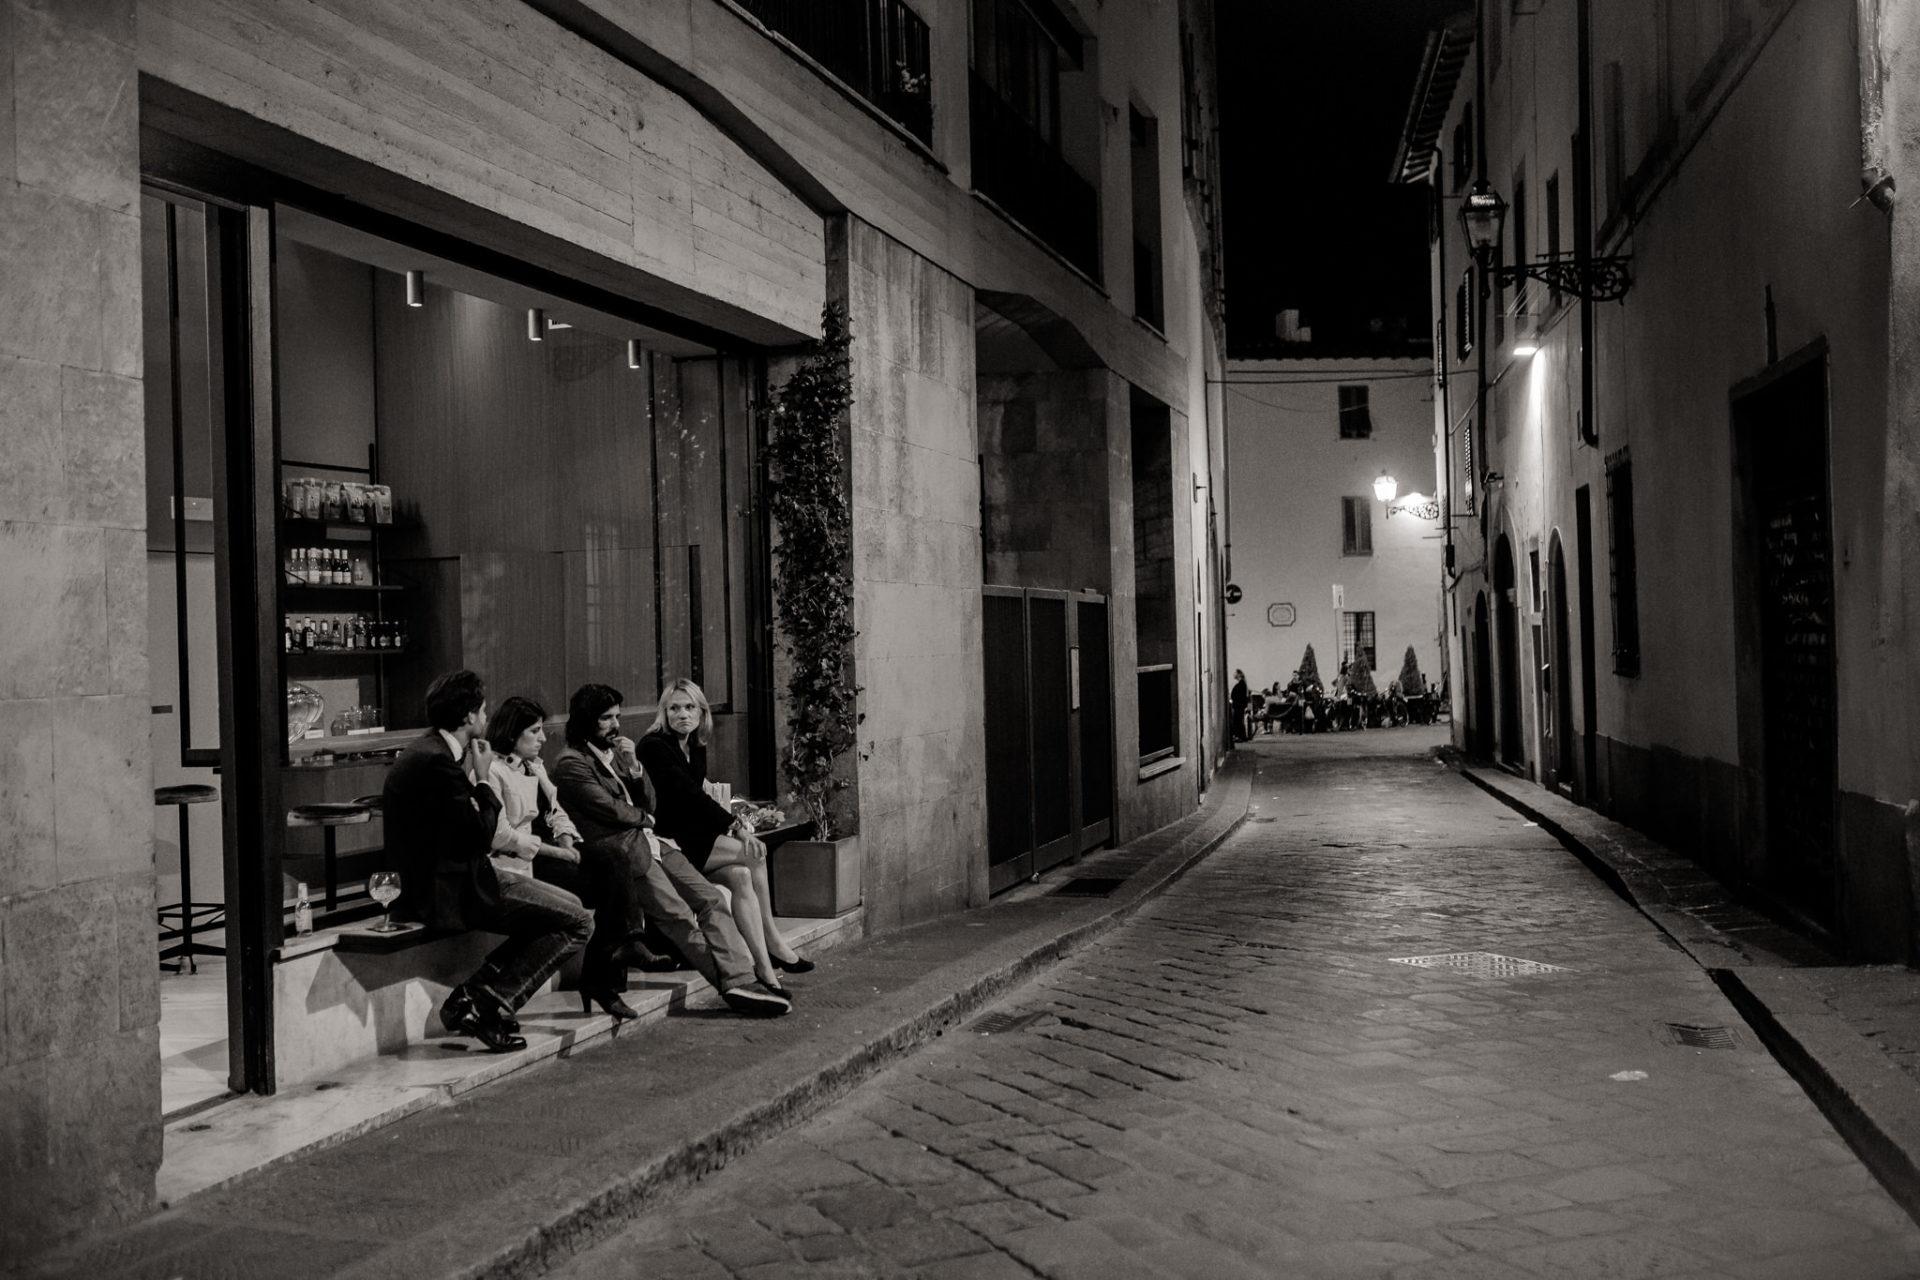 europa roadtrip mit hund-toskana entdecken-abseits der Touristen in Italien-hochzeitsfotograf Toskana-Florenz am Abend